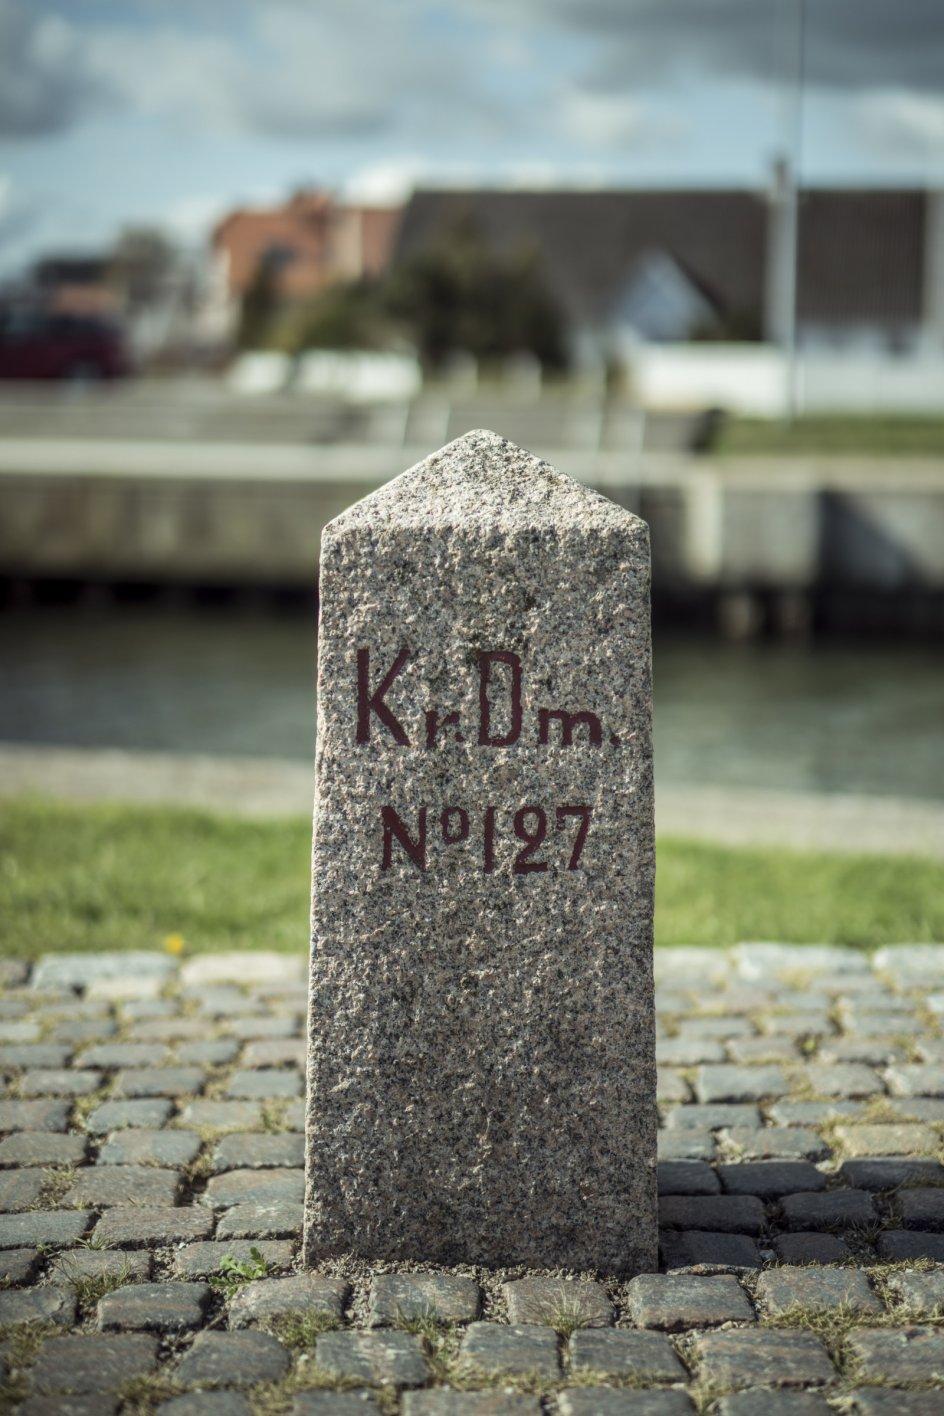 Grænsesten nummer 127 står omtrent på sin oprindelige placering efter i en del år at have stået på skolen i Hejlsminde. Ved Genforeningen blev mange af grænsestenene langs den gamle 1864-grænse væltet over eller flyttet, men det er lykkedes Peter Tagesen at lokalisere næsten alle af de oprindelig 131 sten. Én stod i Glostrup på Sjælland.